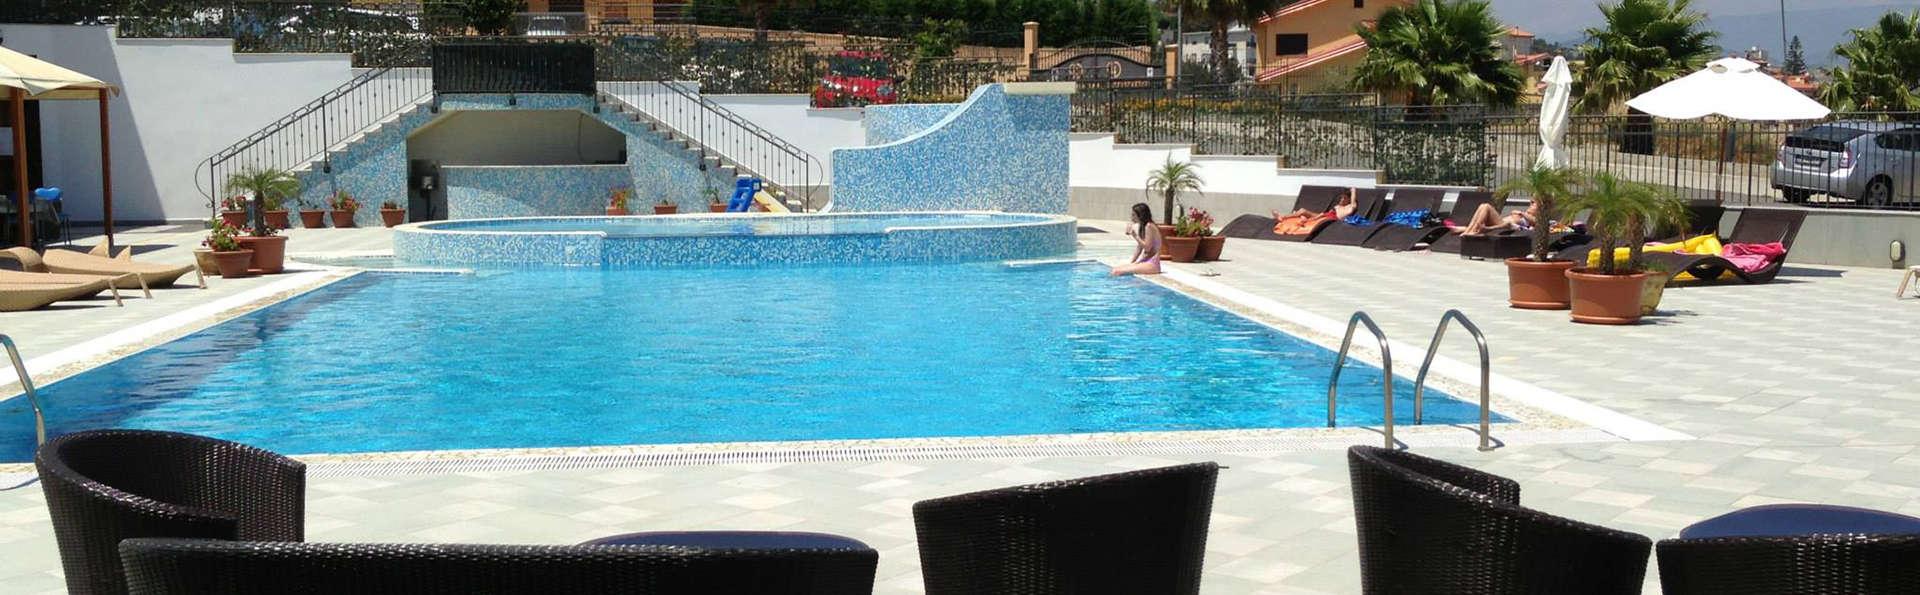 Offre du moment : Deux nuits dans un luxueux hôtel 4* à Catanzaro Lido